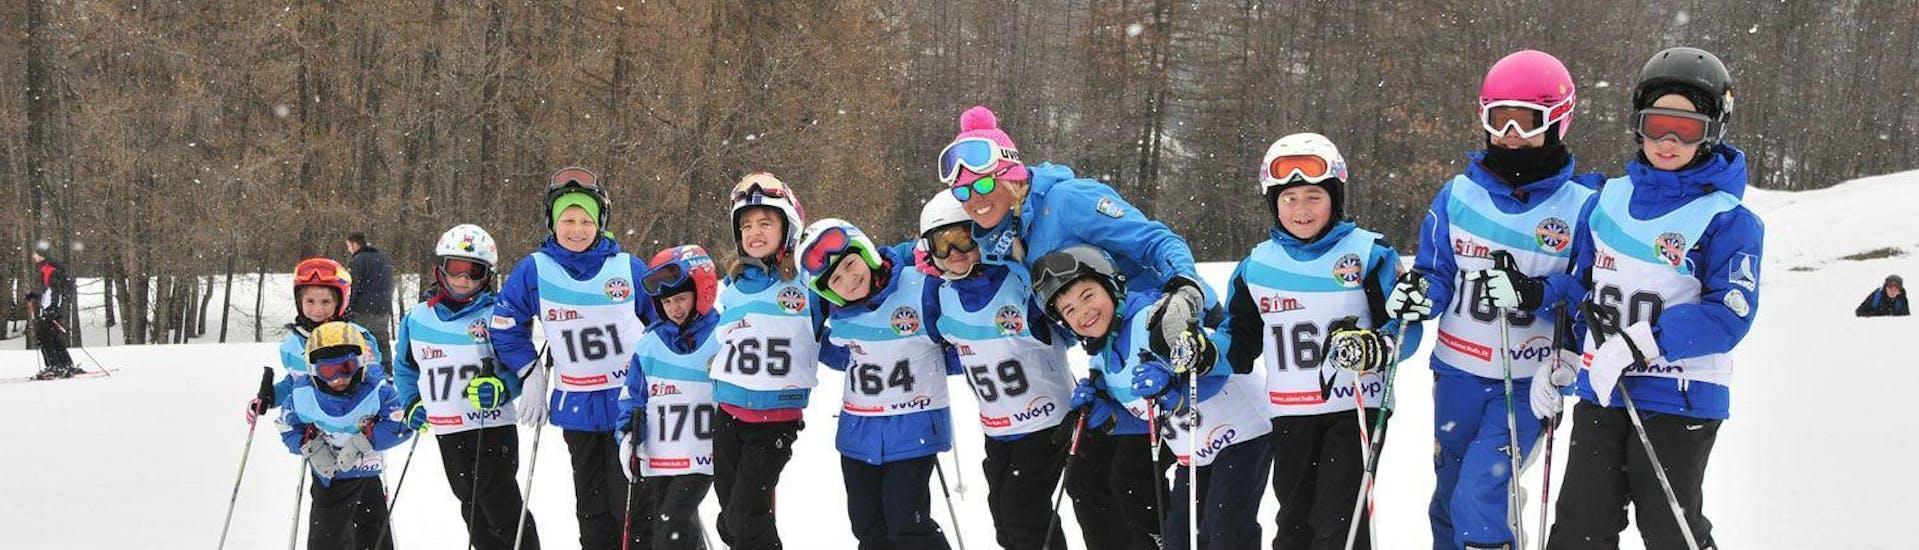 Happy skiers after the ski lessons from the ski school Scuola di Sci Bardonecchia in the ski resort Bardonecchia.